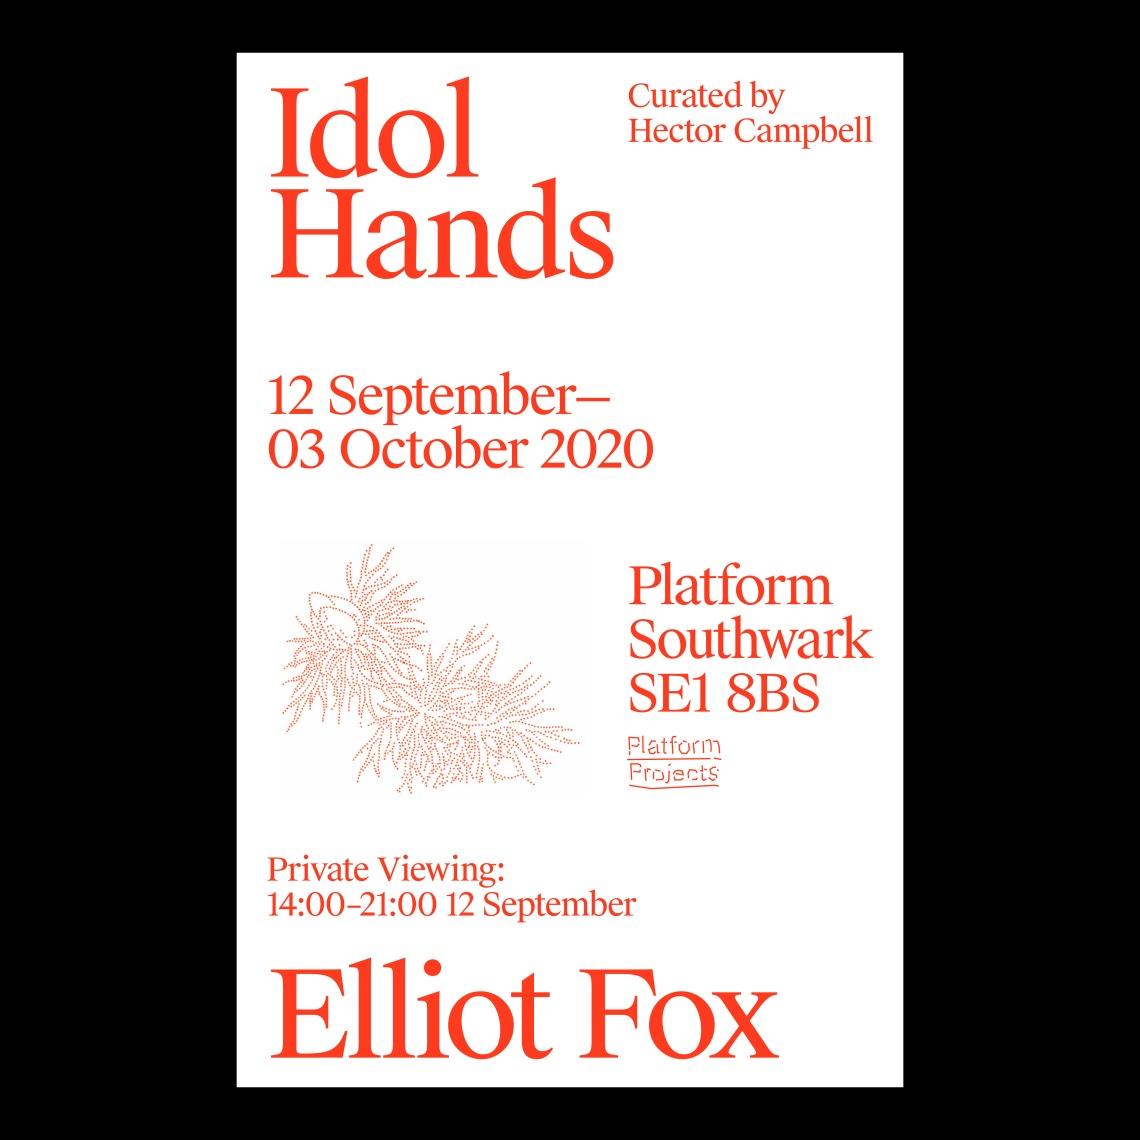 idol hands_poster_social media1